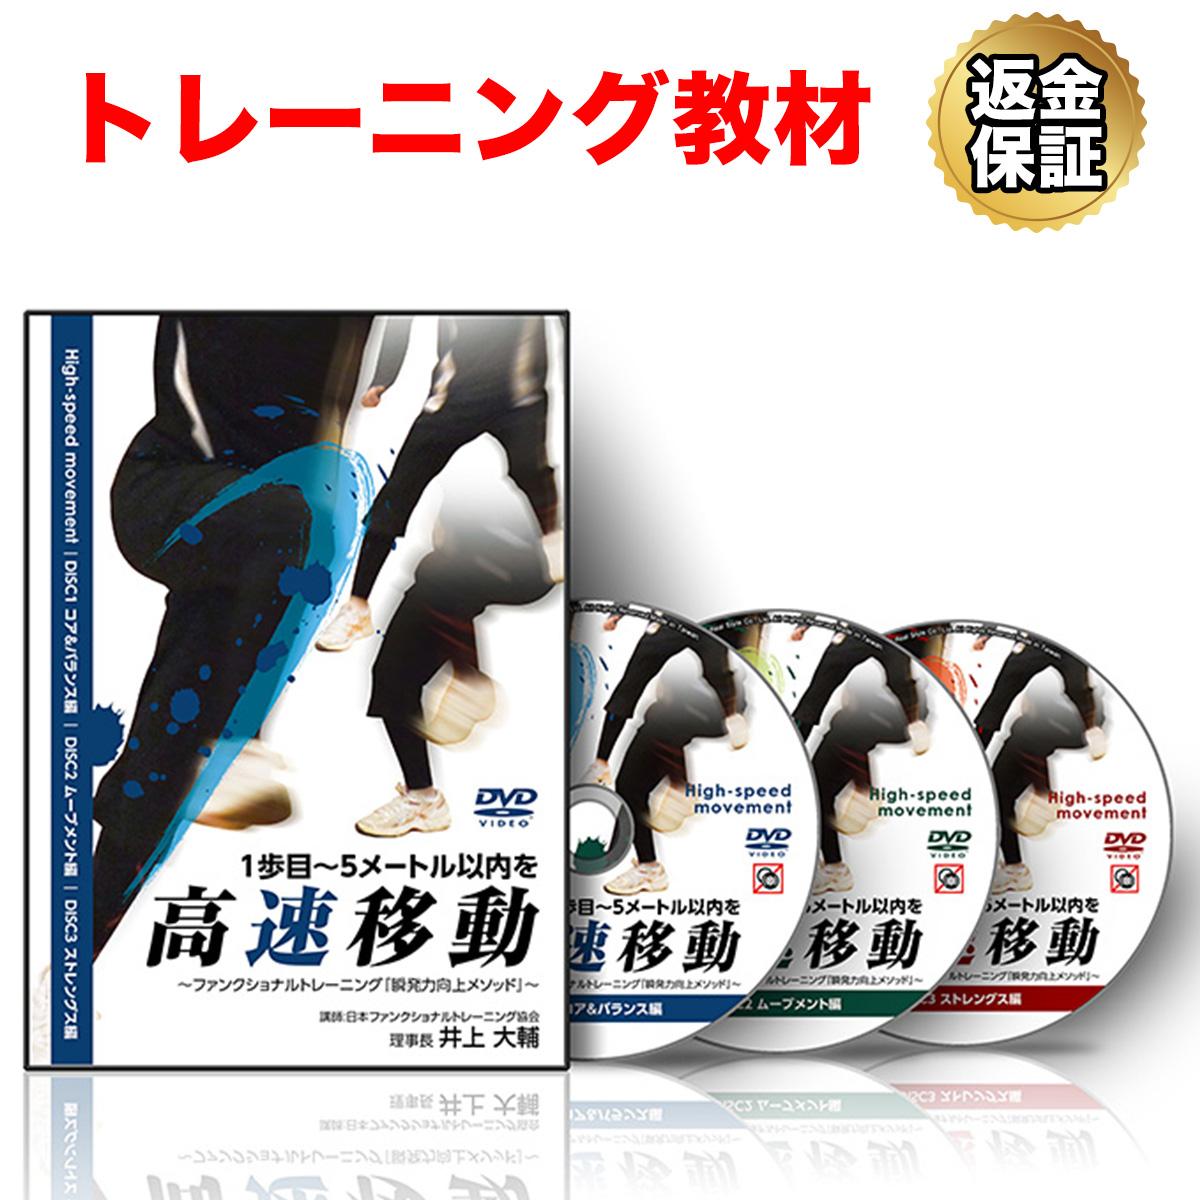 【トレーニング】1歩目~5メートル以内を高速移動~ファンクショナルトレーニング「瞬発力向上メソッド」~